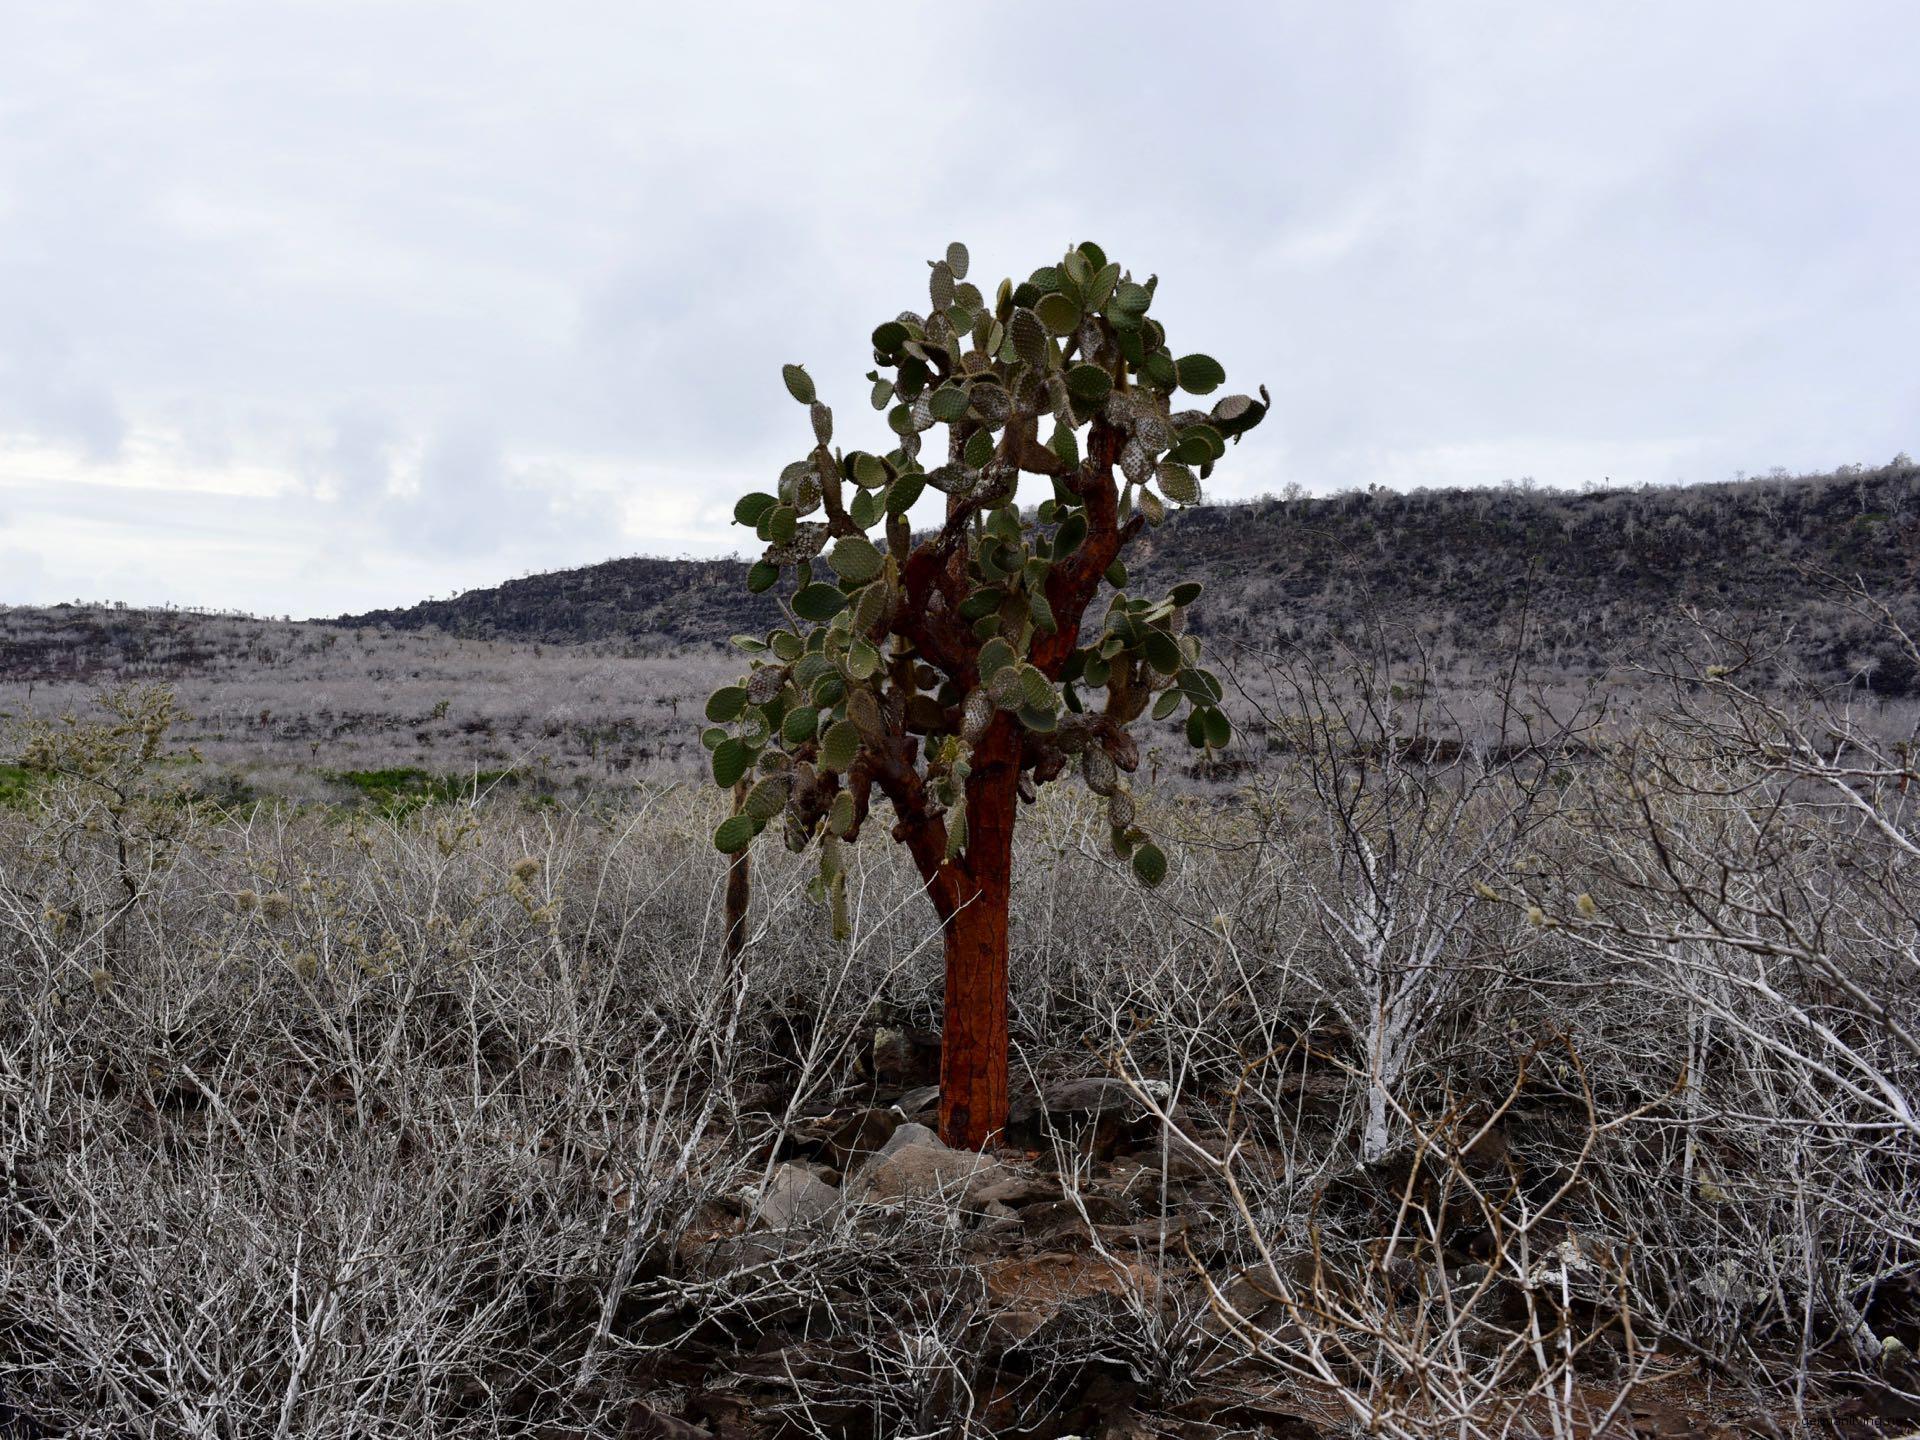 leguane kaktusb ume seel wen dieser bericht mit vielen fotos zeigt dass ein besuch der. Black Bedroom Furniture Sets. Home Design Ideas